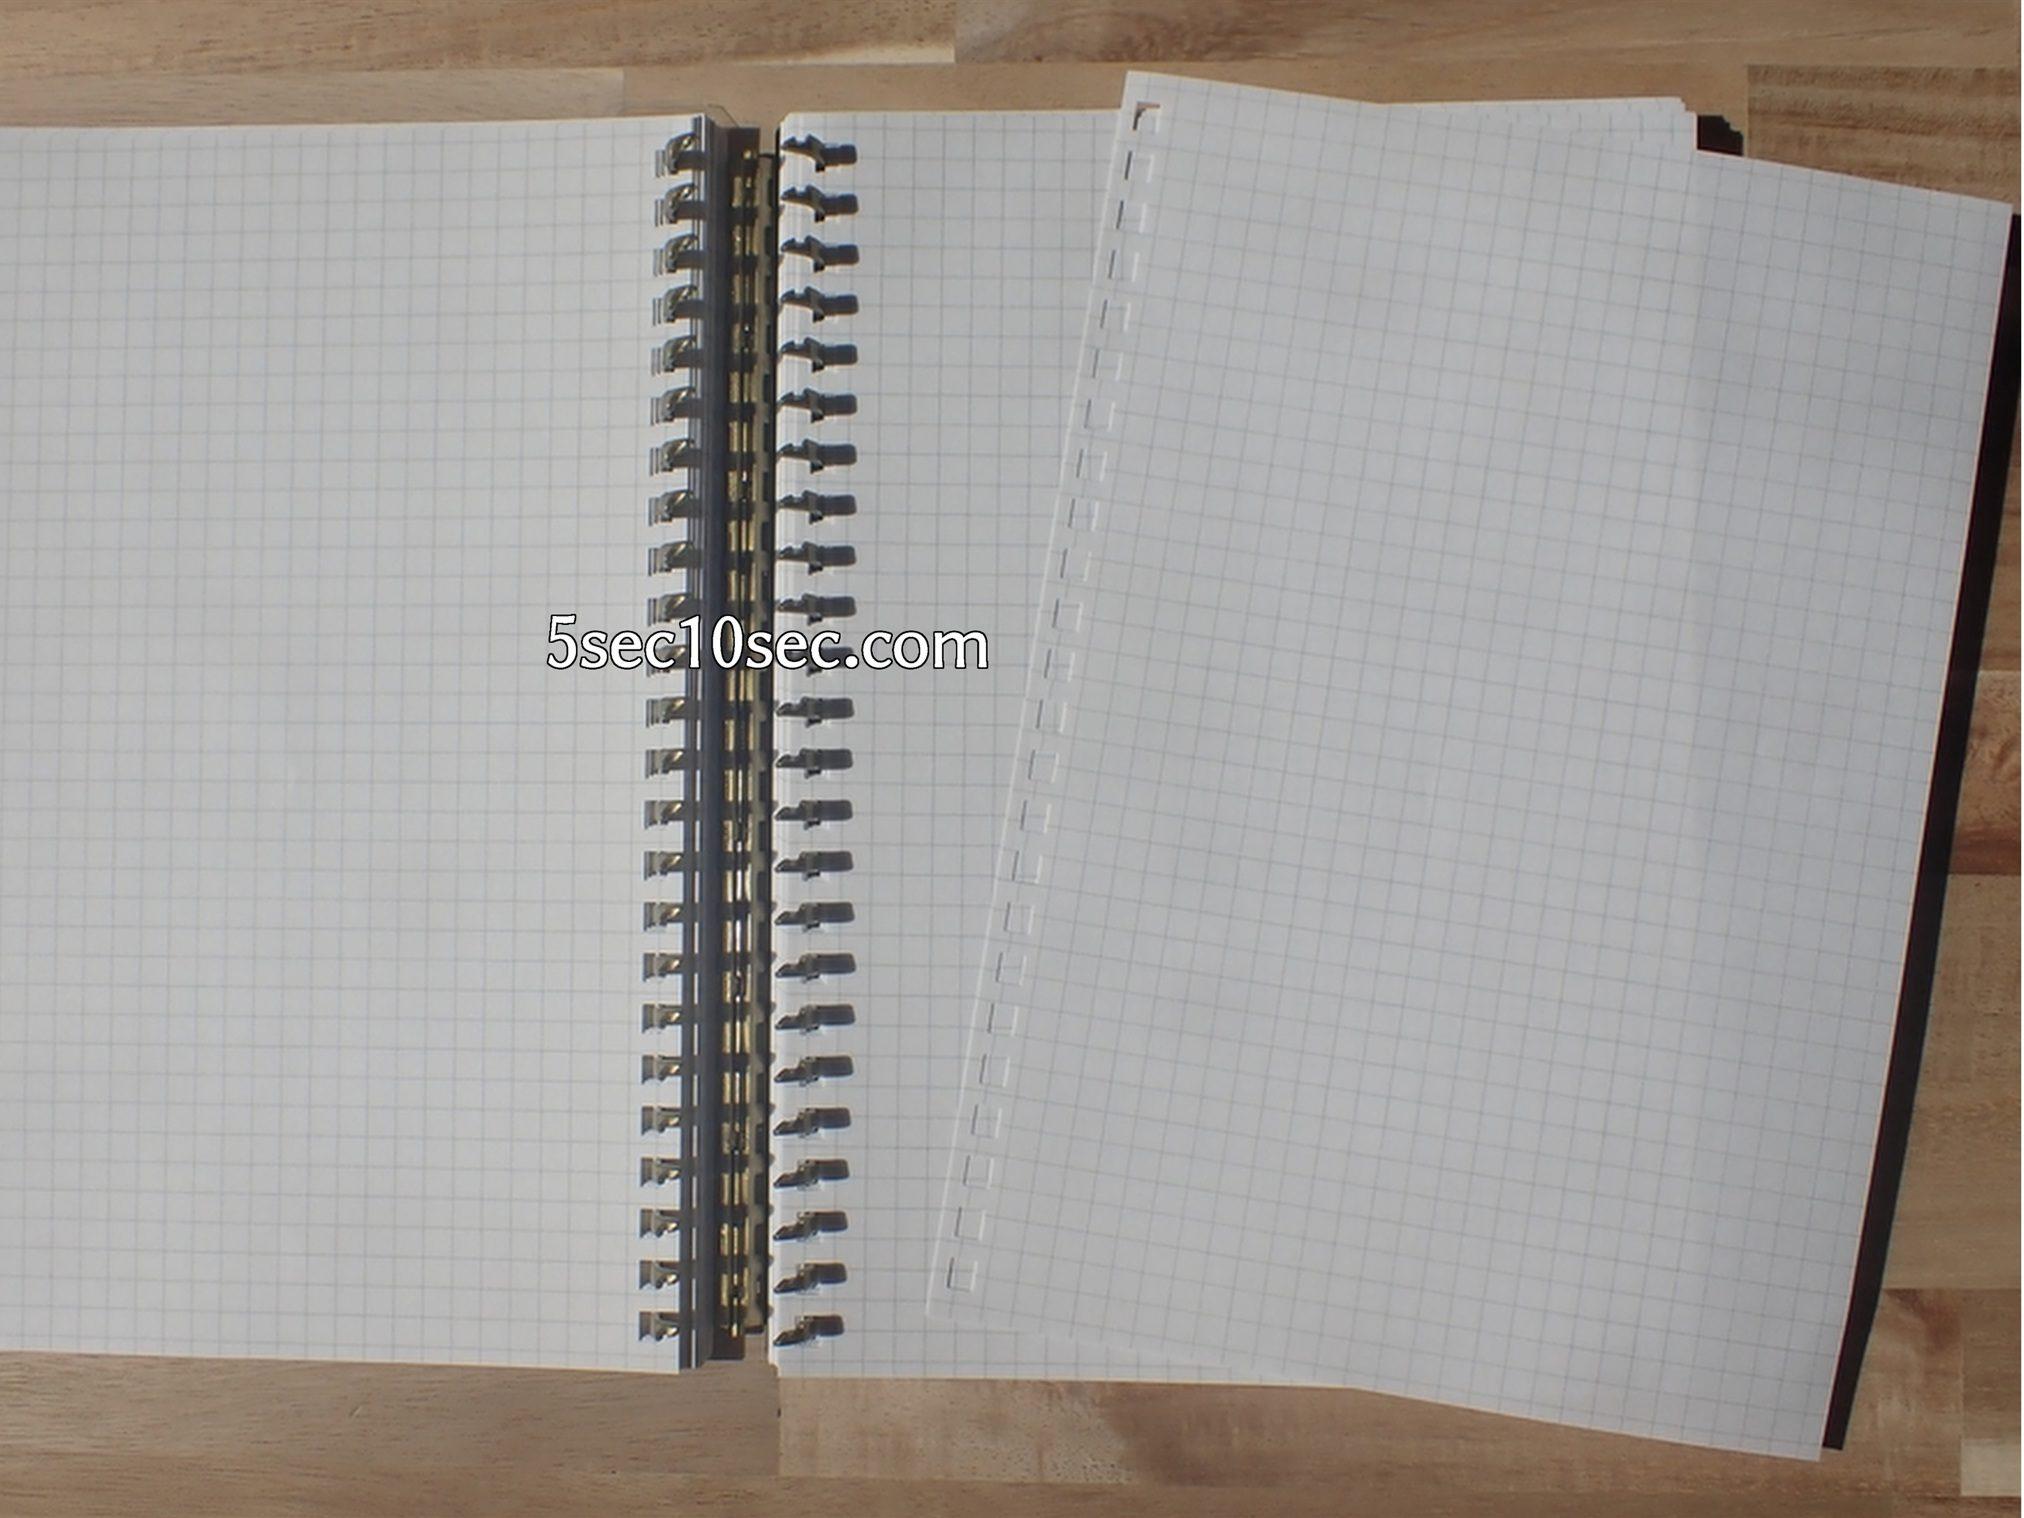 LIHIT LAB. リヒトラブ ツイストリング・ノート 専用リーフ・A5方眼 24穴 N-1650S カスタマイズツイストノートは大容量のページ数で、ページを抜き差し出来るルーズリーフのノートです